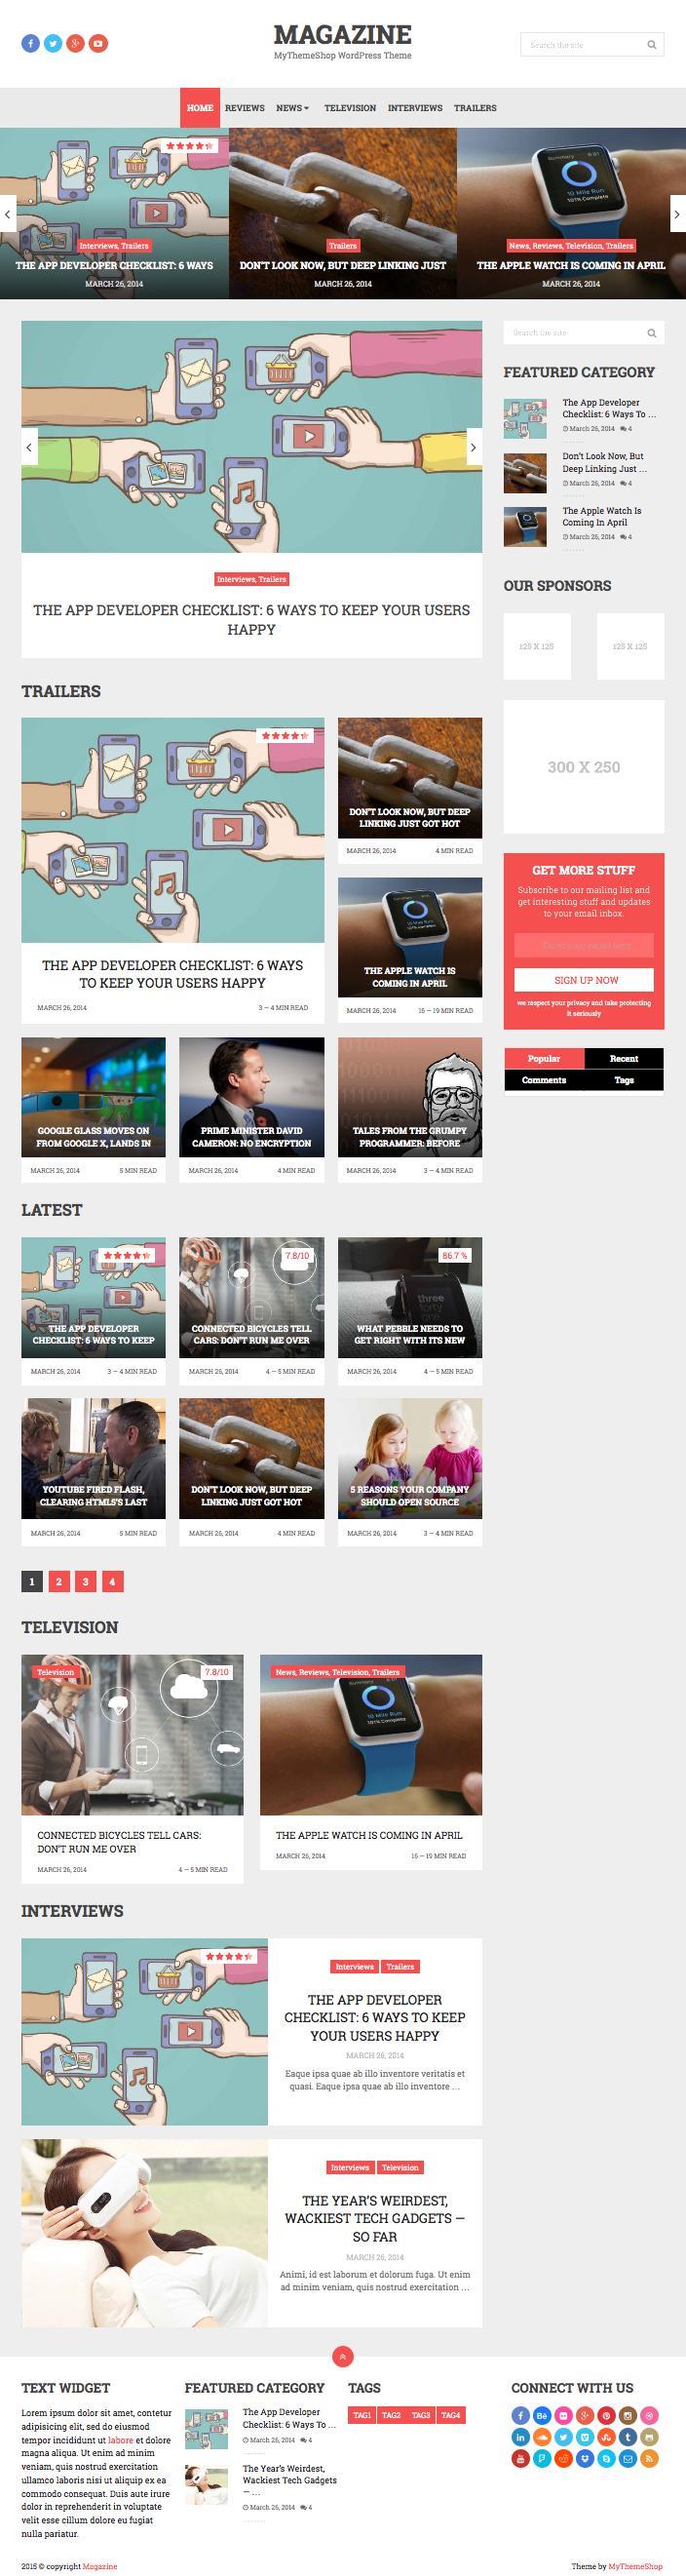 Magazine Responsive WordPress Heavy Content Theme